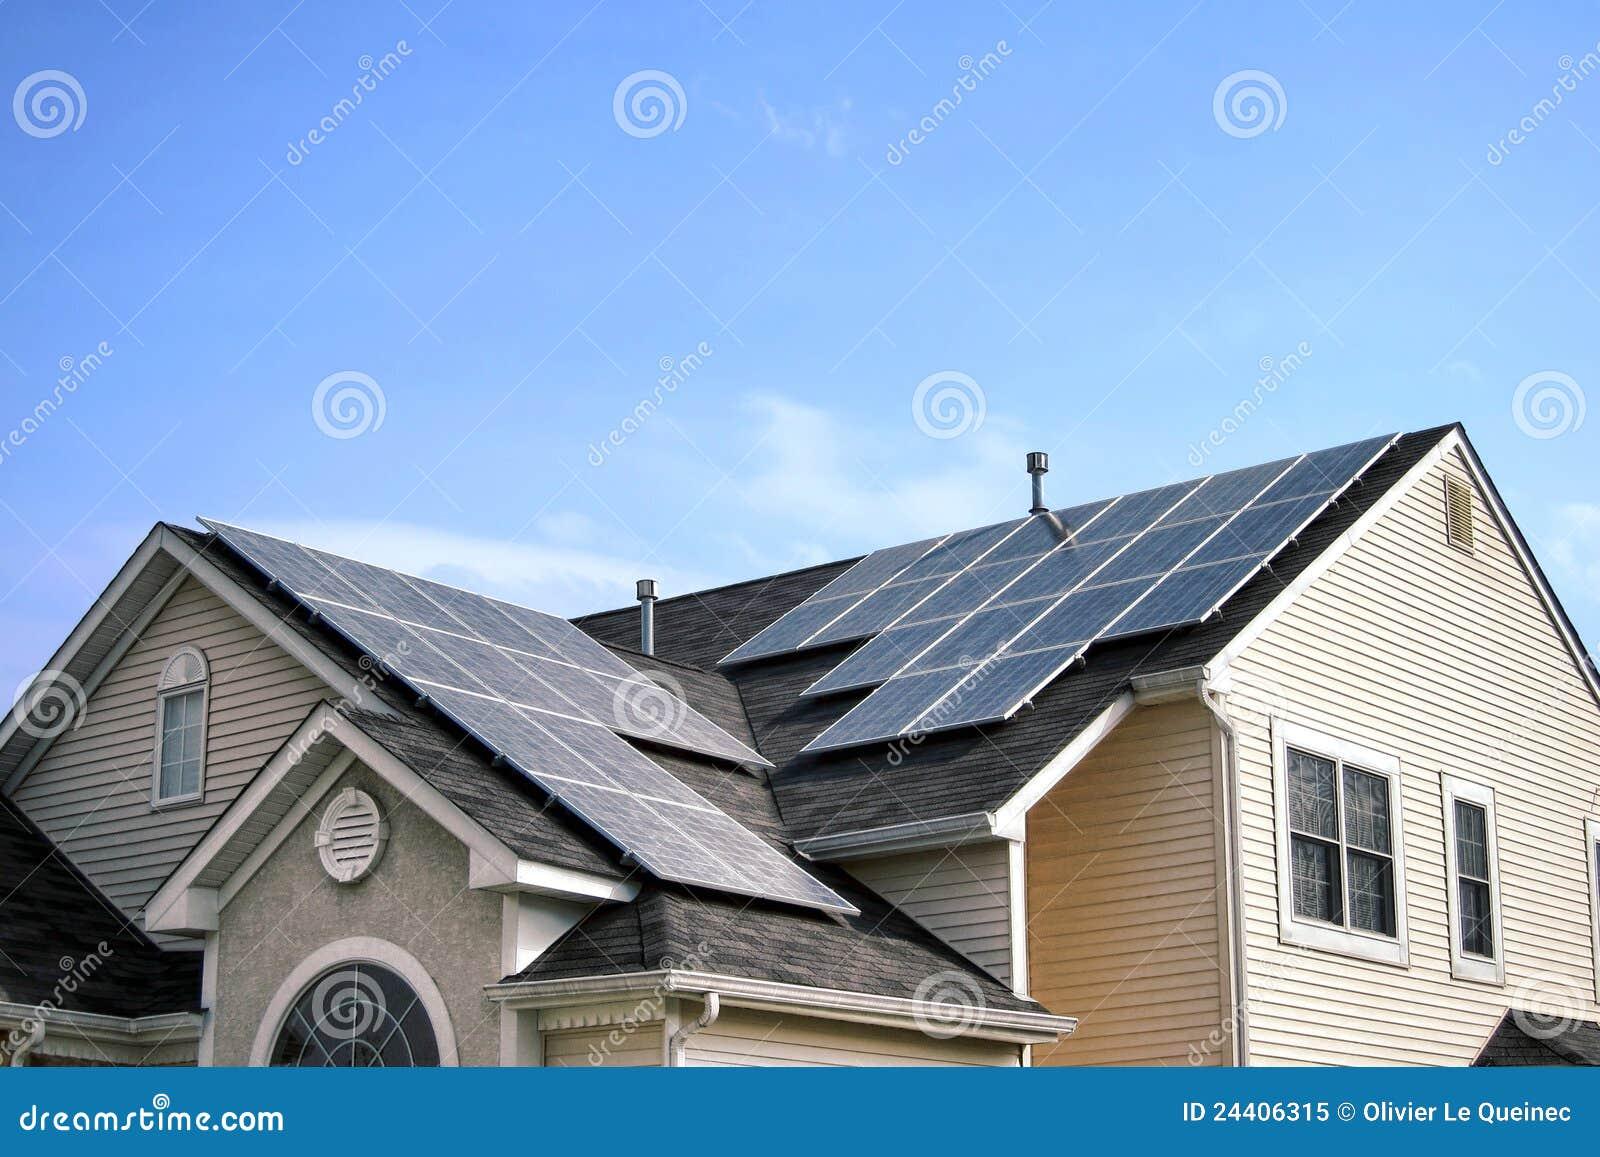 能源温室镶板太阳可延续的屋顶